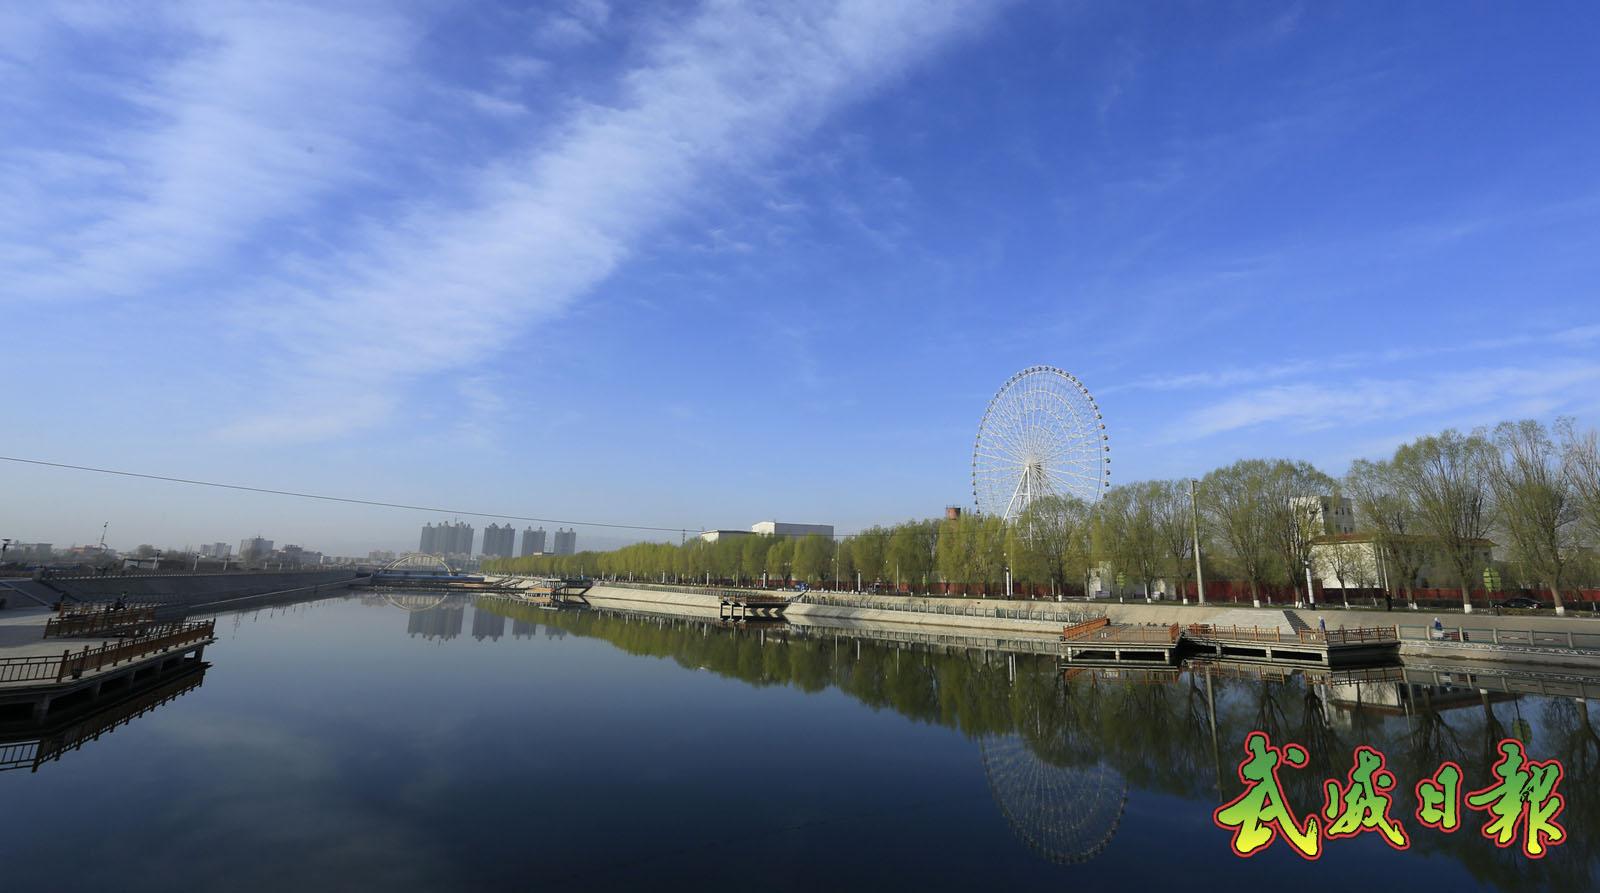 武威天马湖吸引游客前往湖畔健身观光(图)